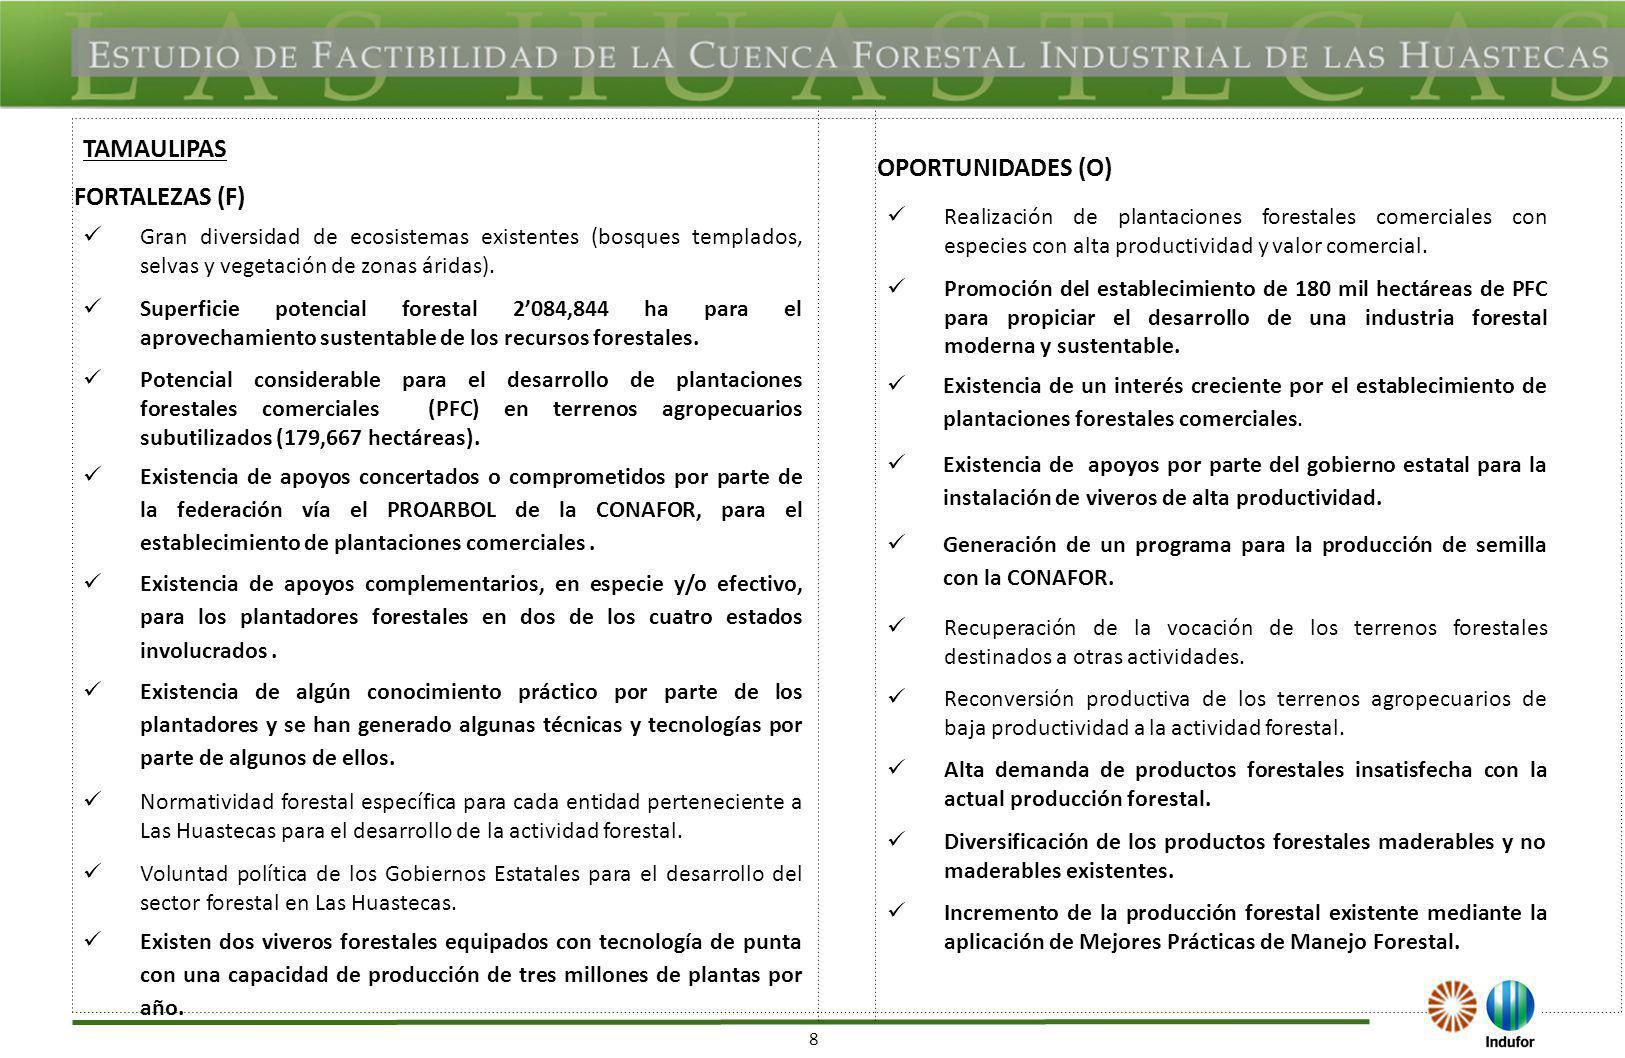 39 Amenazas - Aumento en el empleo de residuos de materiales maderables que traerían la disminución del consumo de madera en rollo.